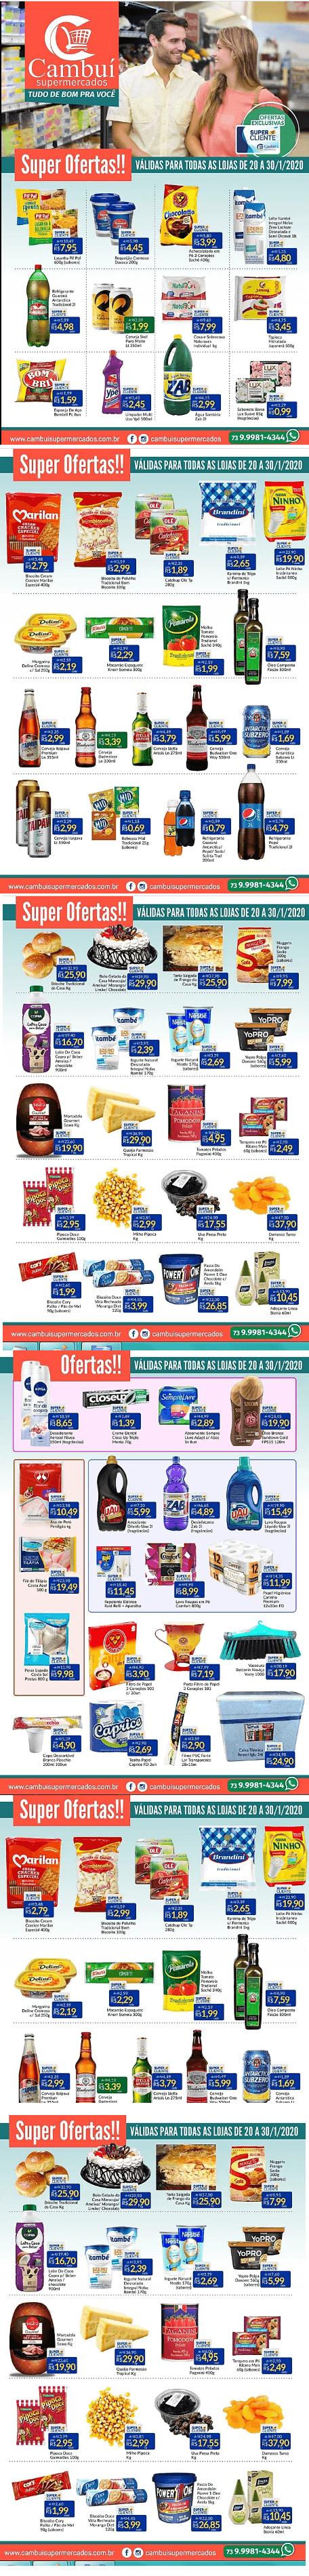 cambui supermercados catalogo de ofertas 20 A 30/ 1/2020